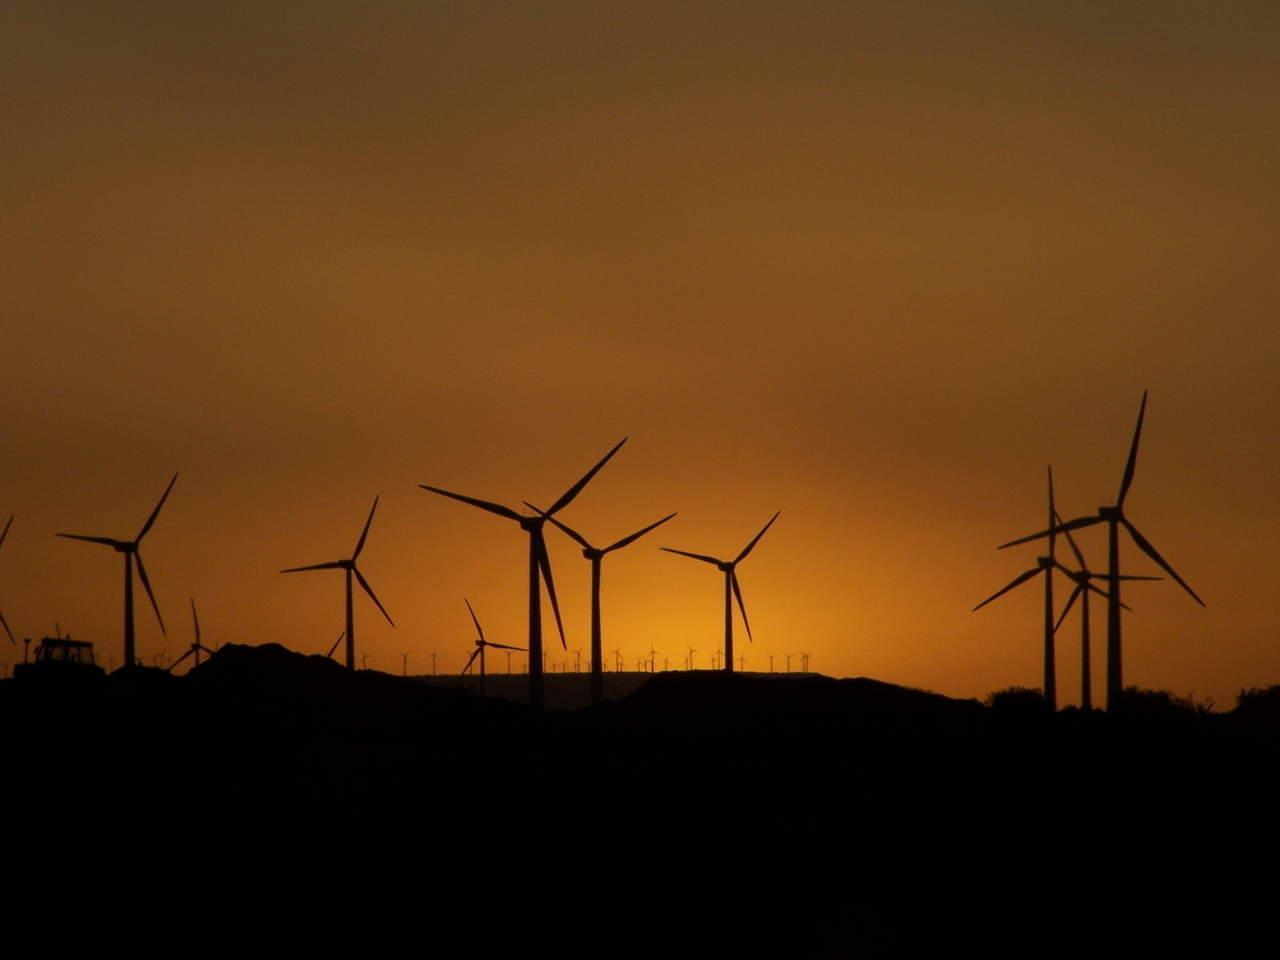 windmills-1309960-1280x960